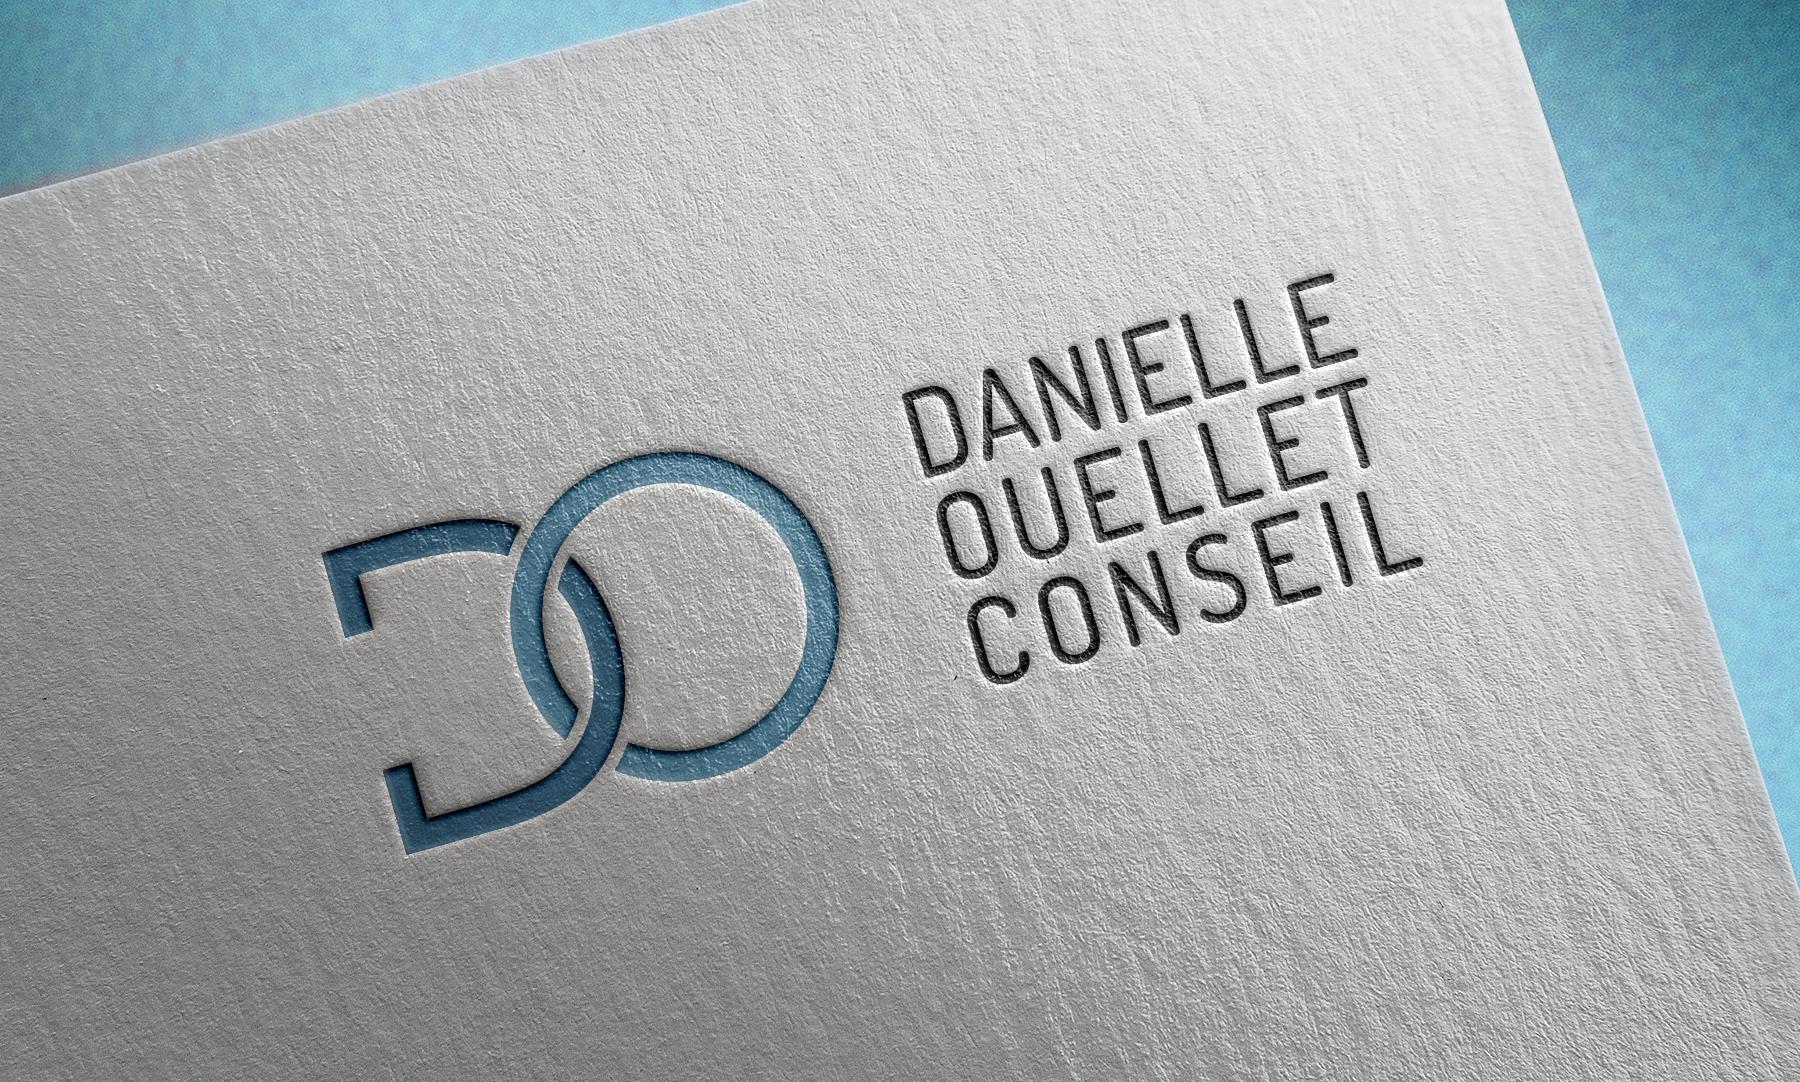 Danielle Ouellet conseil logo mockup